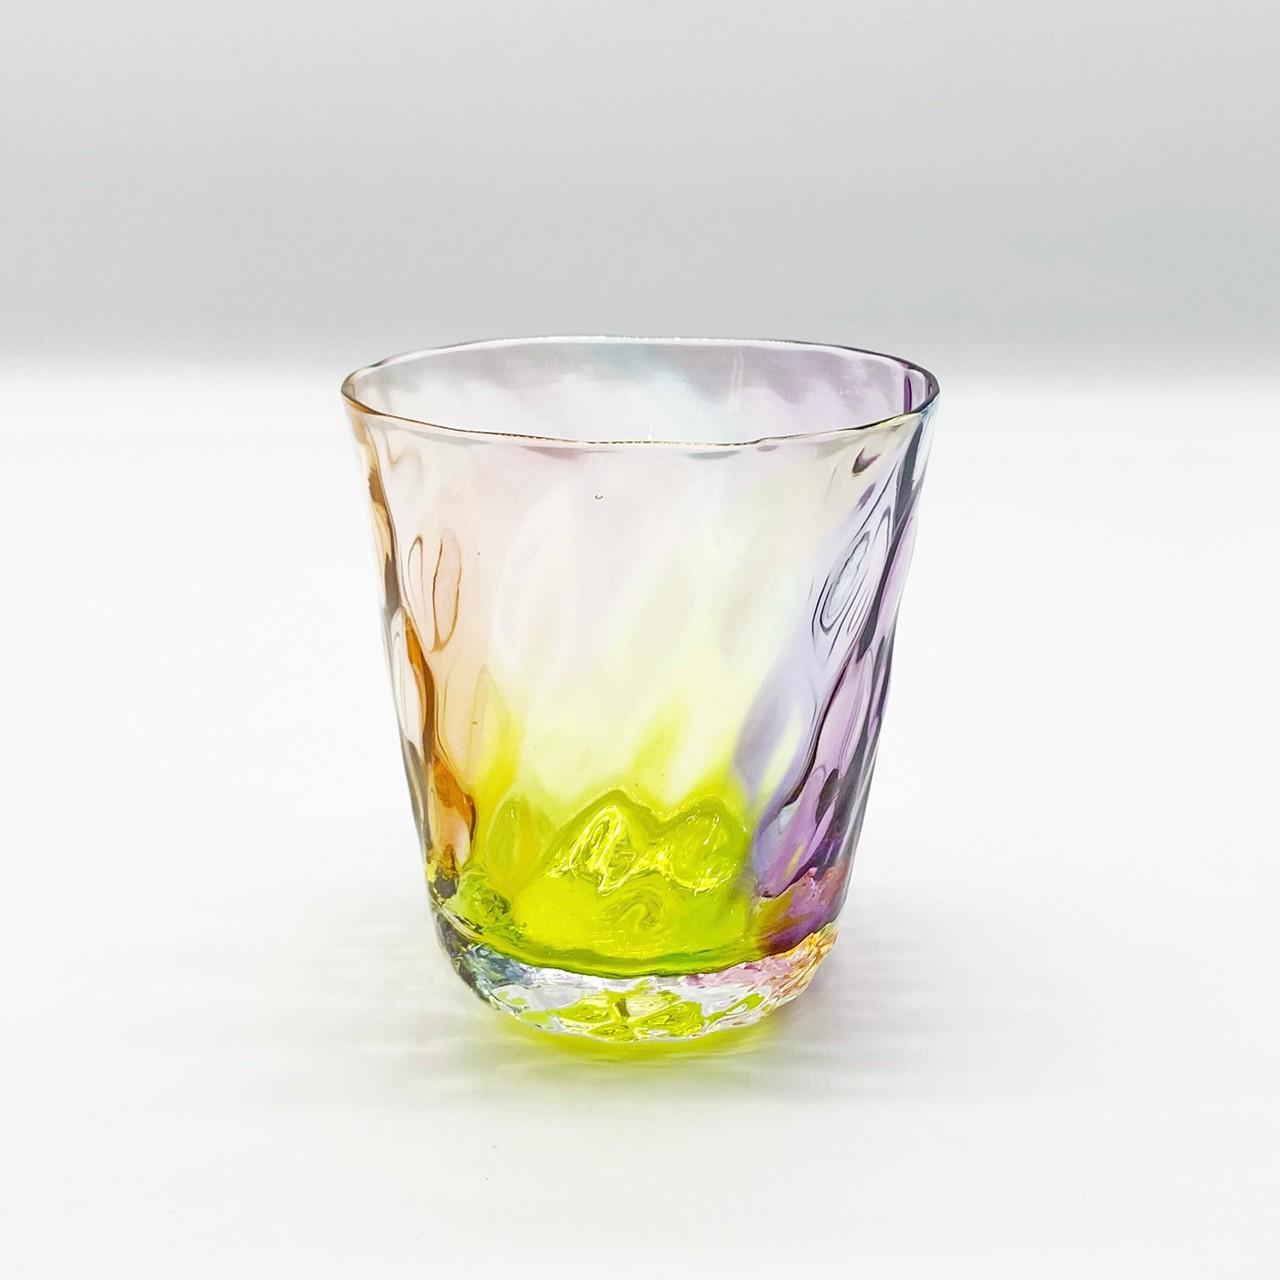 プリズムダイヤロックグラス